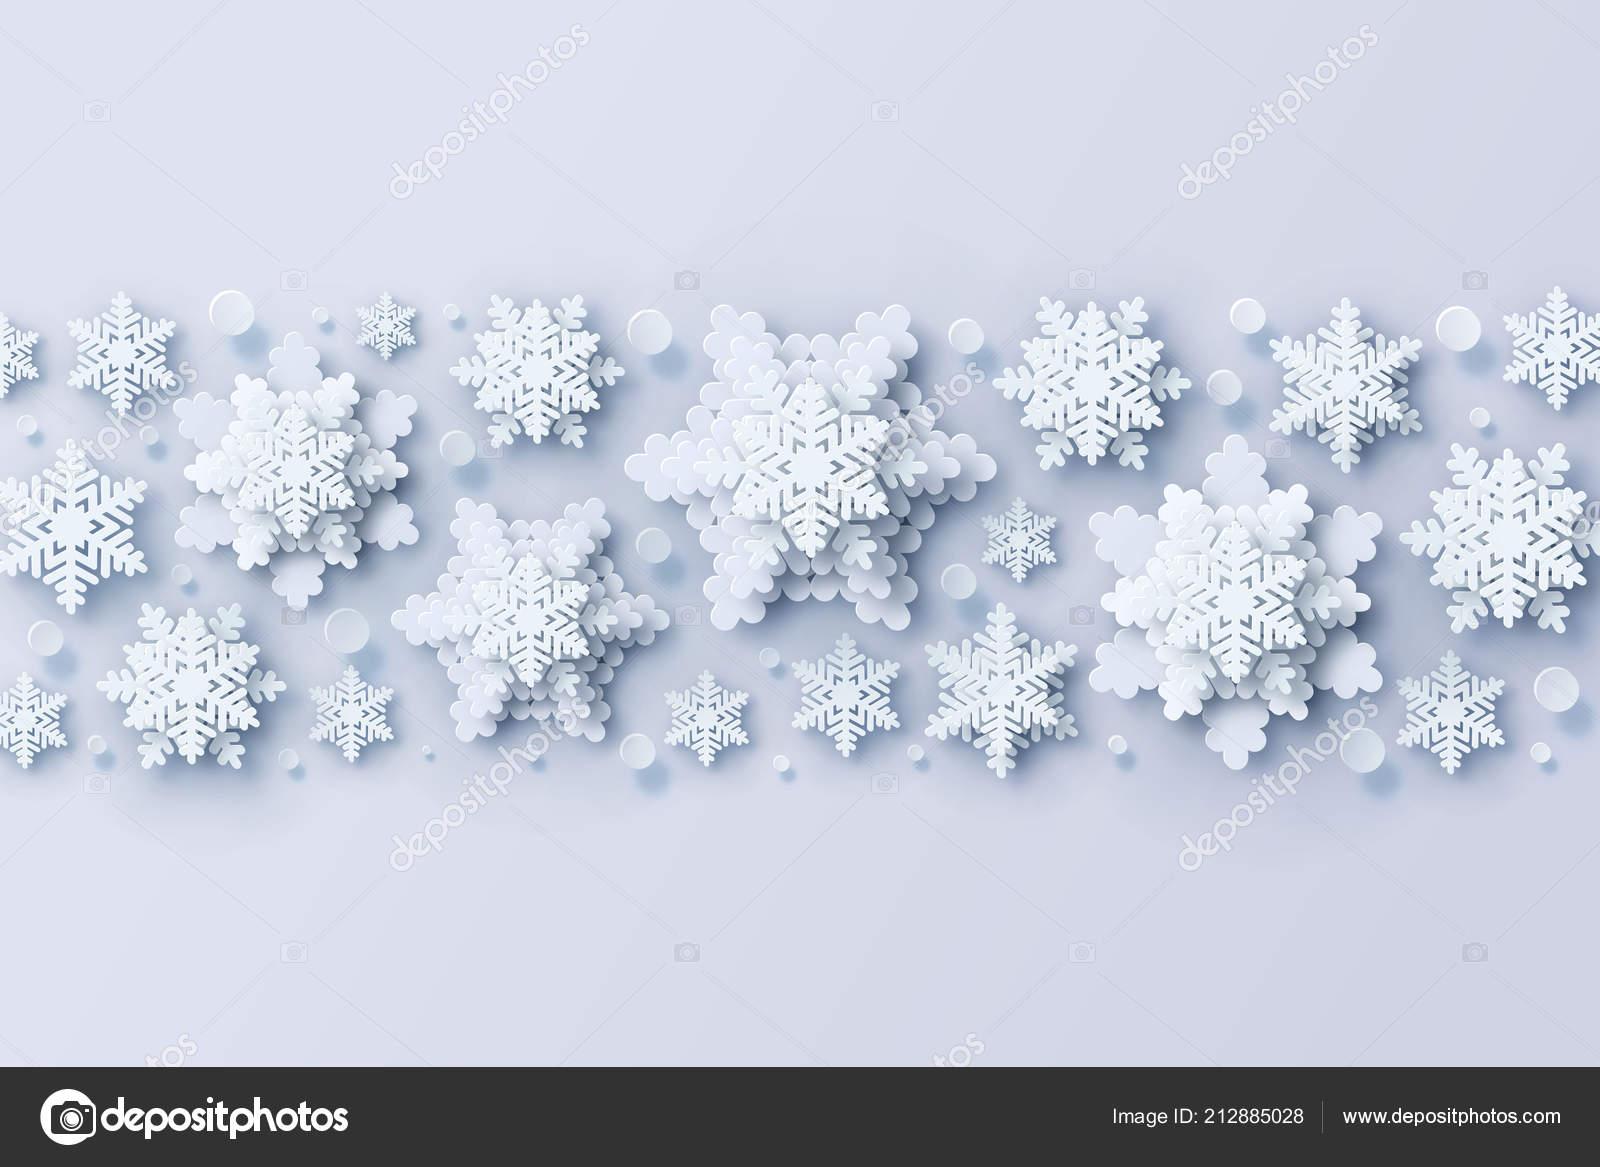 Fiocchi Di Neve Di Carta Modelli : Astratto natale con fiocchi neve carta volumetrica bianchi fiocchi